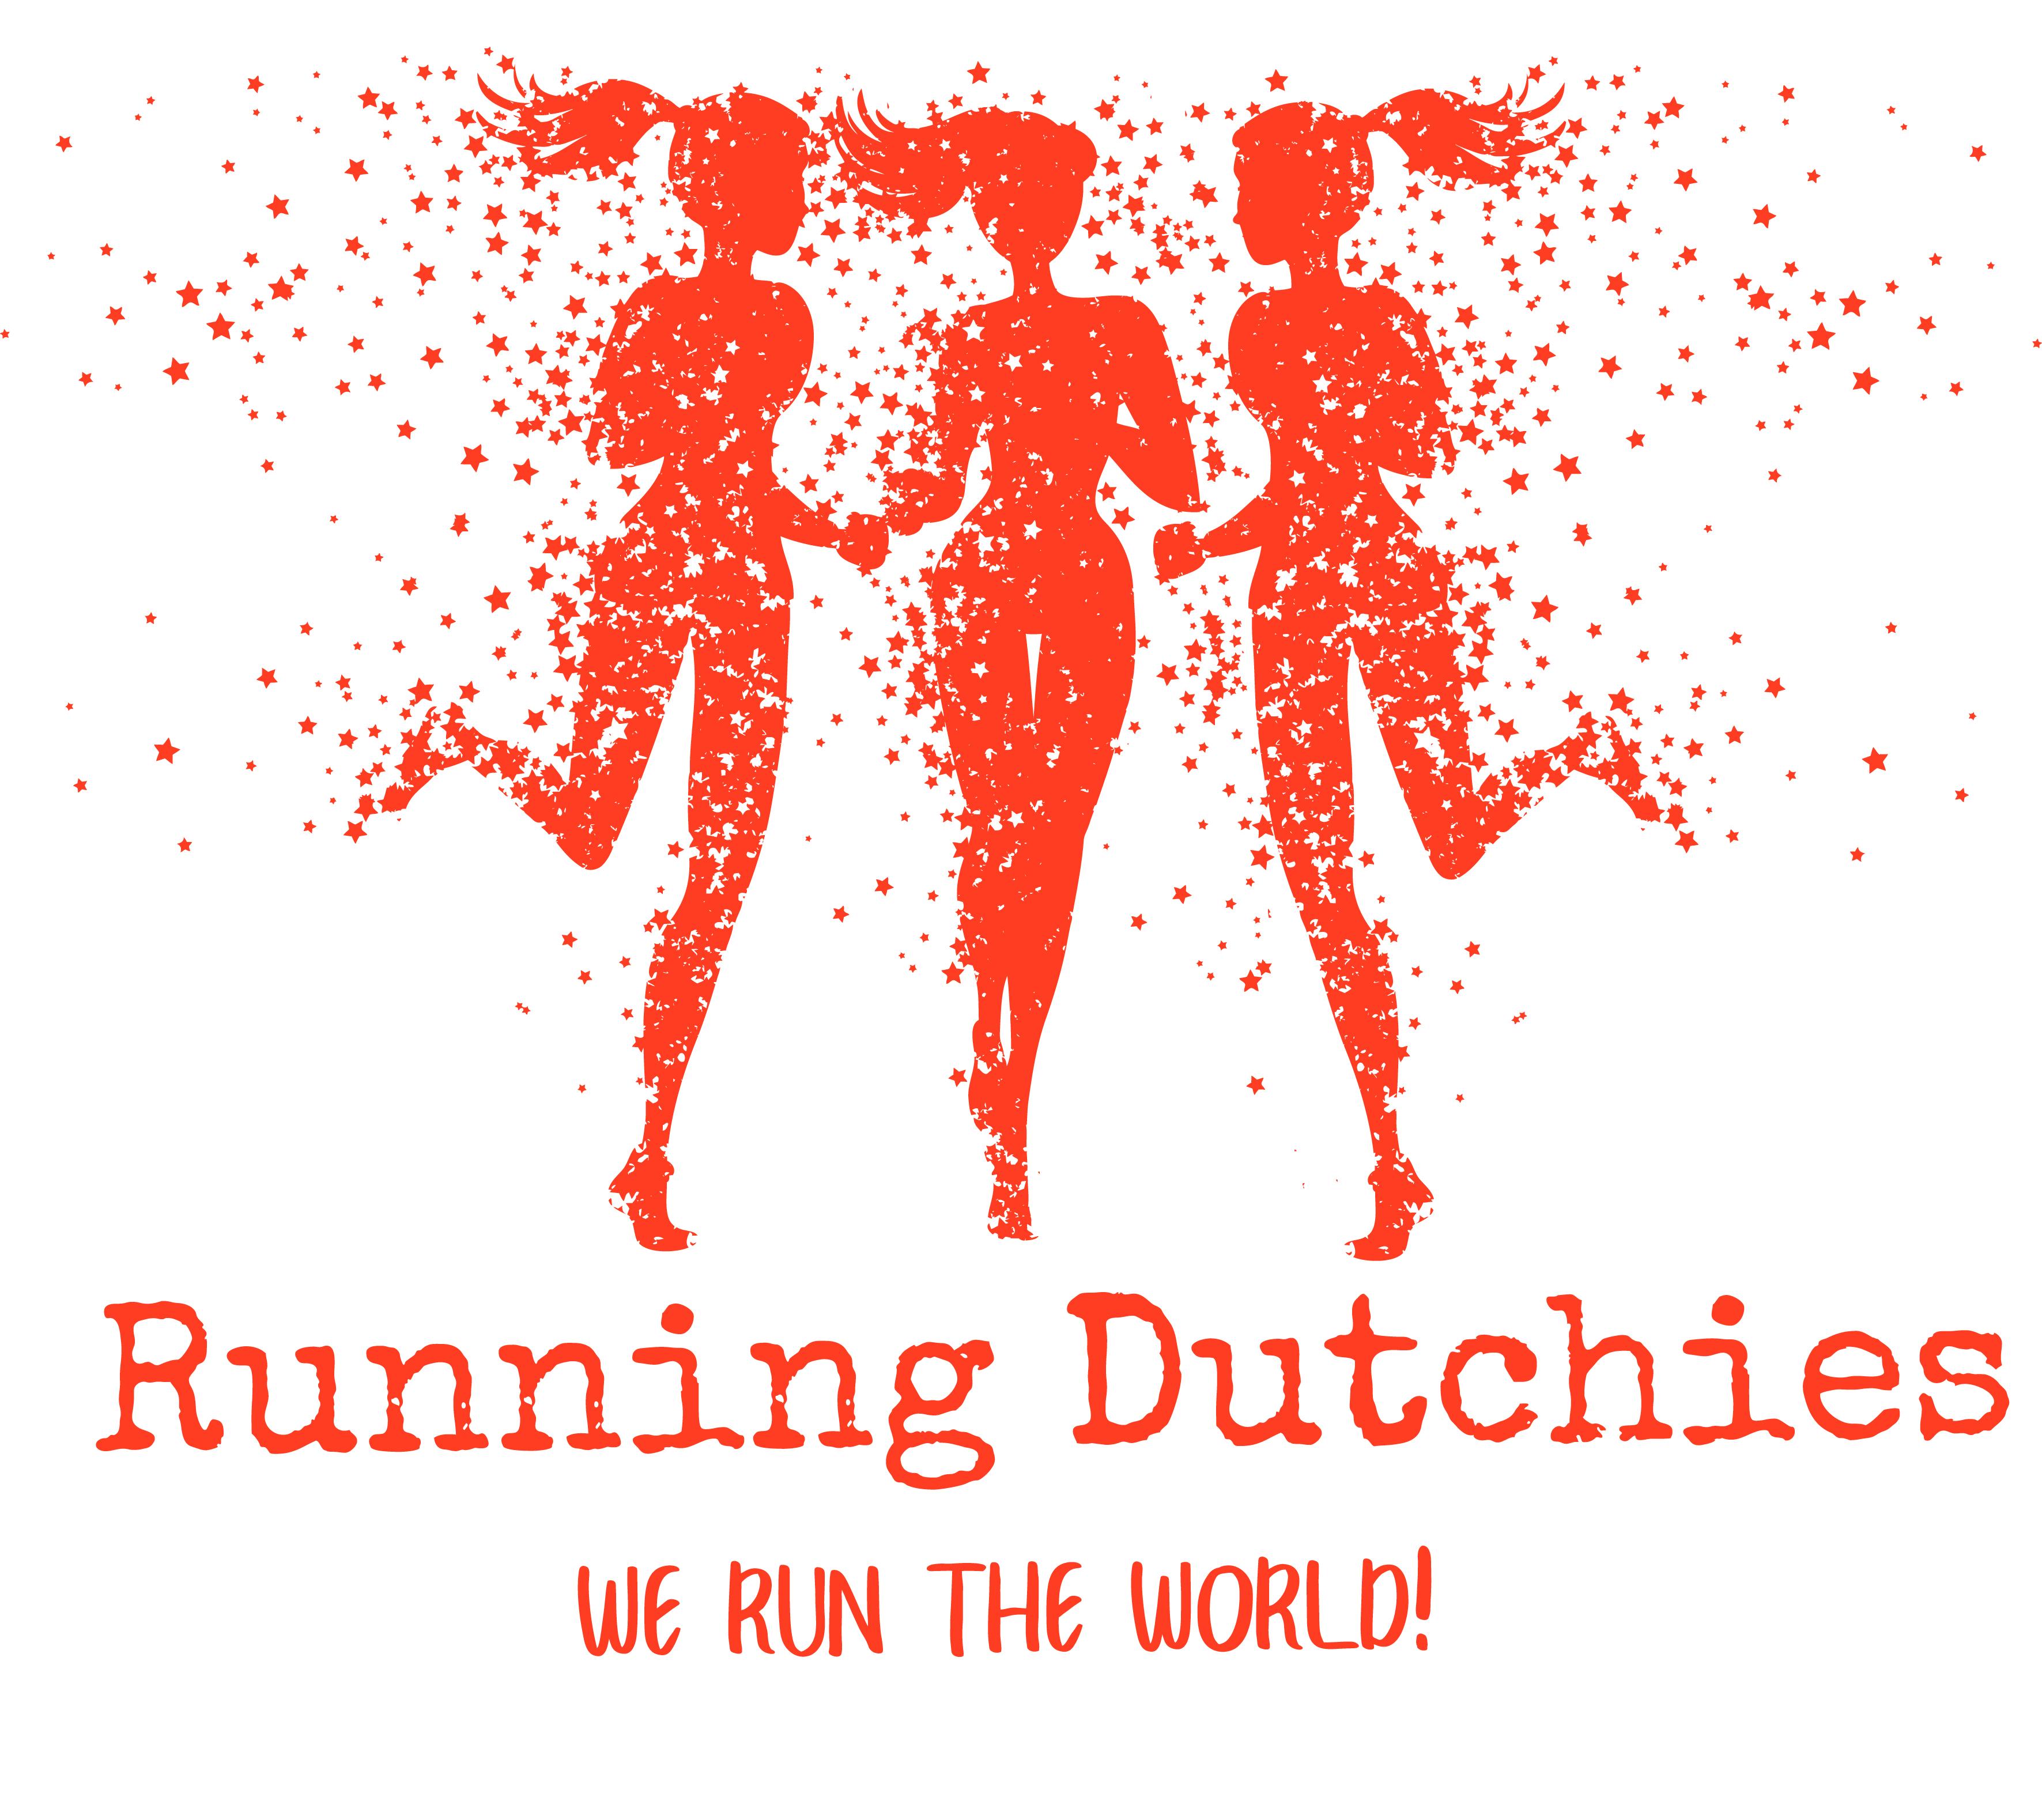 Afgelopen weekend stonden wij met 26 vrouwen, allemaal Running Dutchies, maar niet allemaal woonachtig in Nederland, aan de start van de Bodensee Frauenlauf in Bregenz. Het werd een weekend met een lach en een traan en vriendschappen voor het leven.